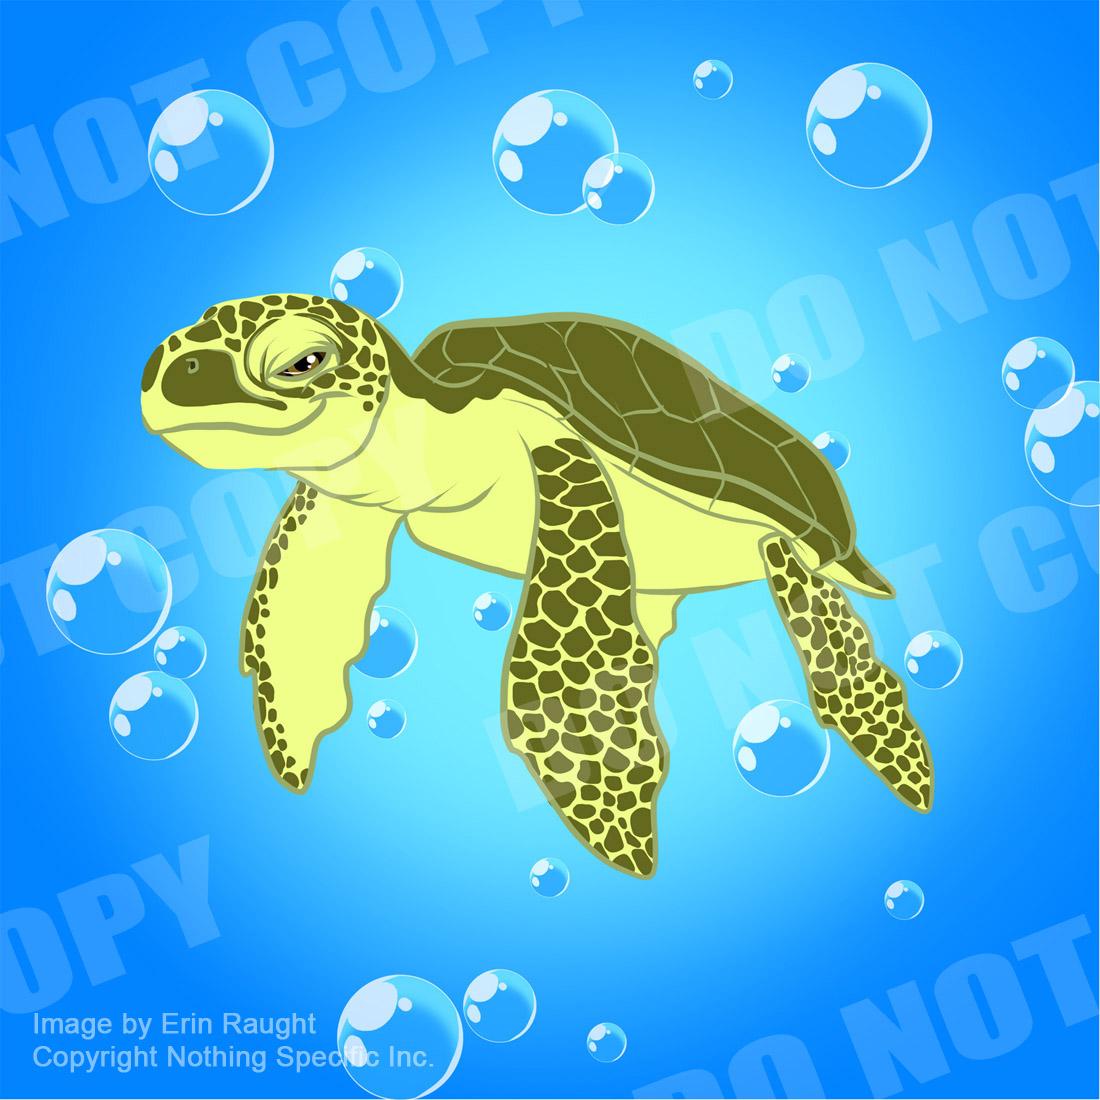 7459 - Sea Turtle - Ocean Cute.jpg